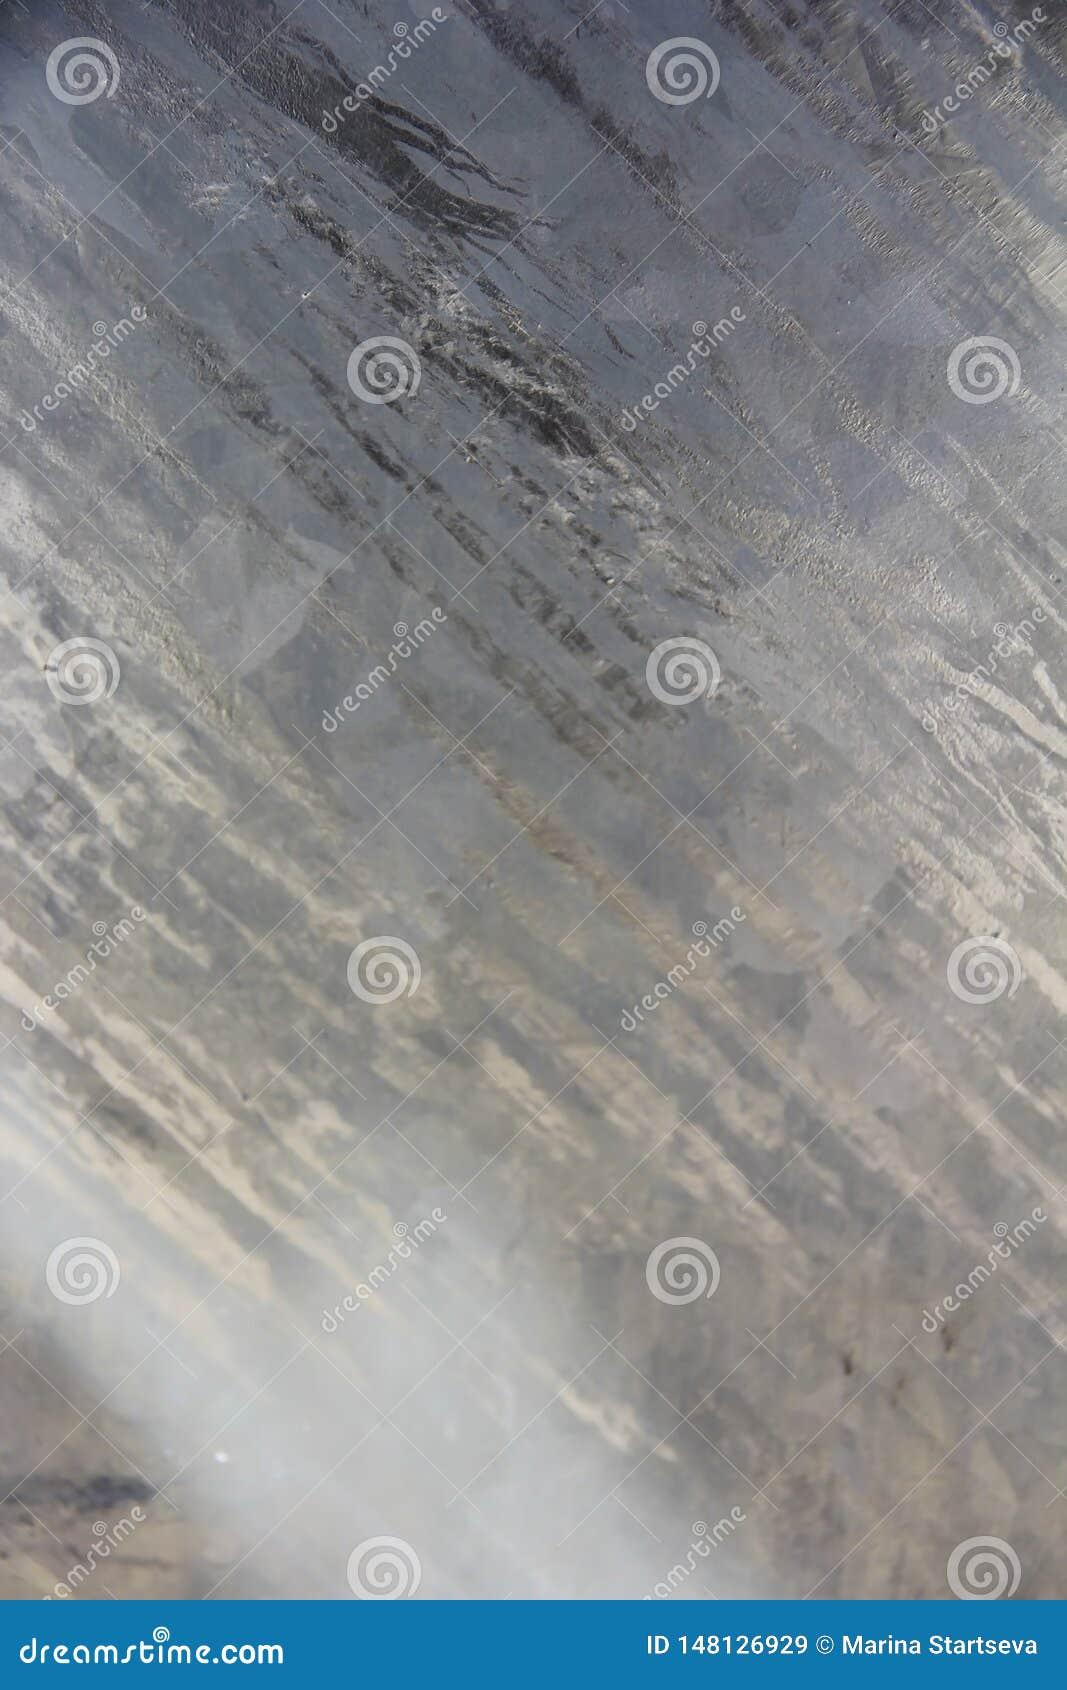 金属墙壁纹理与抓痕、污点和镇压的表面